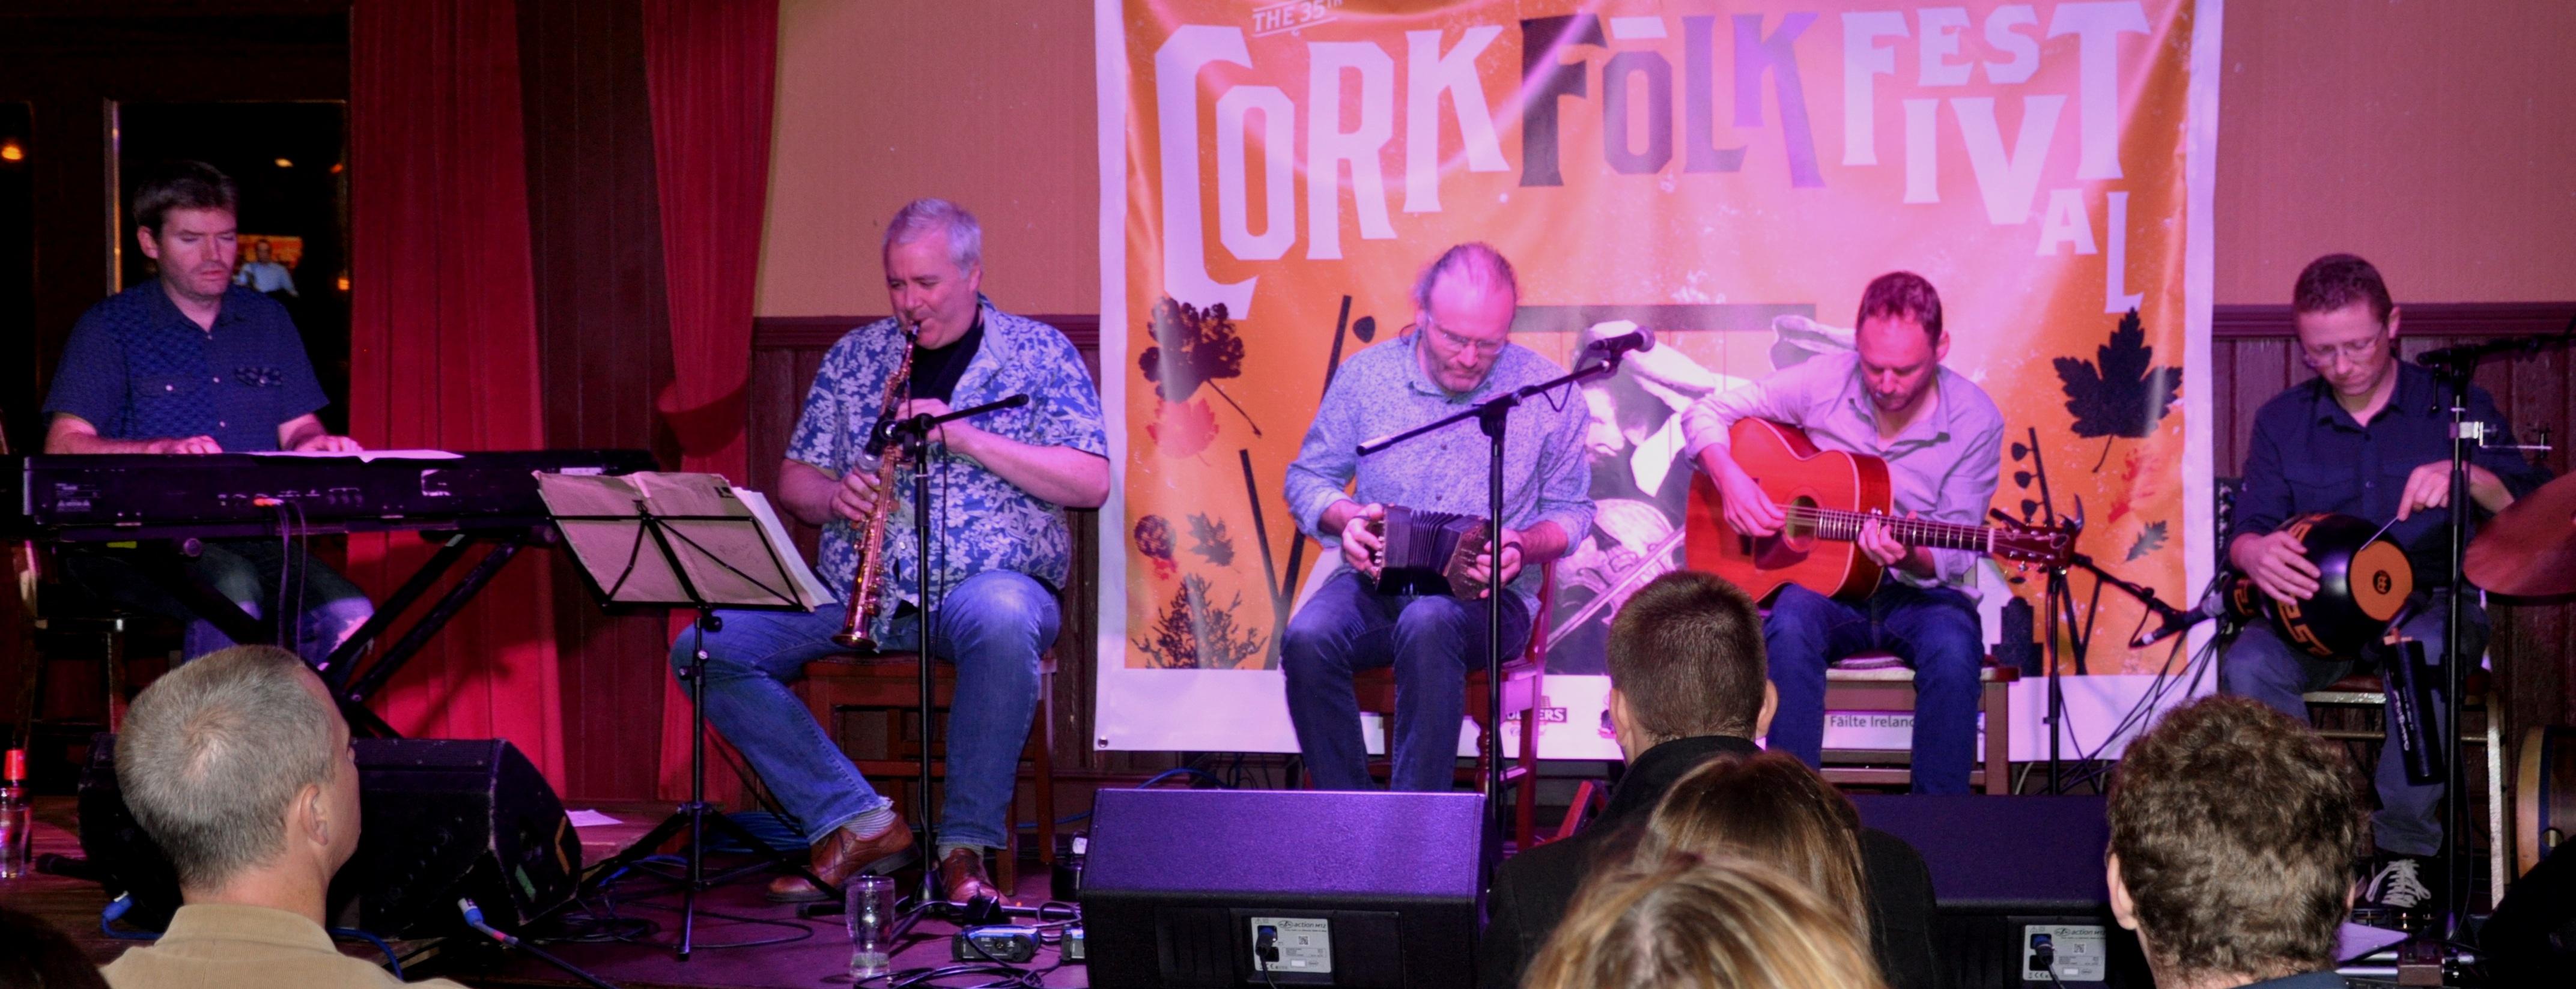 Buille- Cork Folk Festival 2014